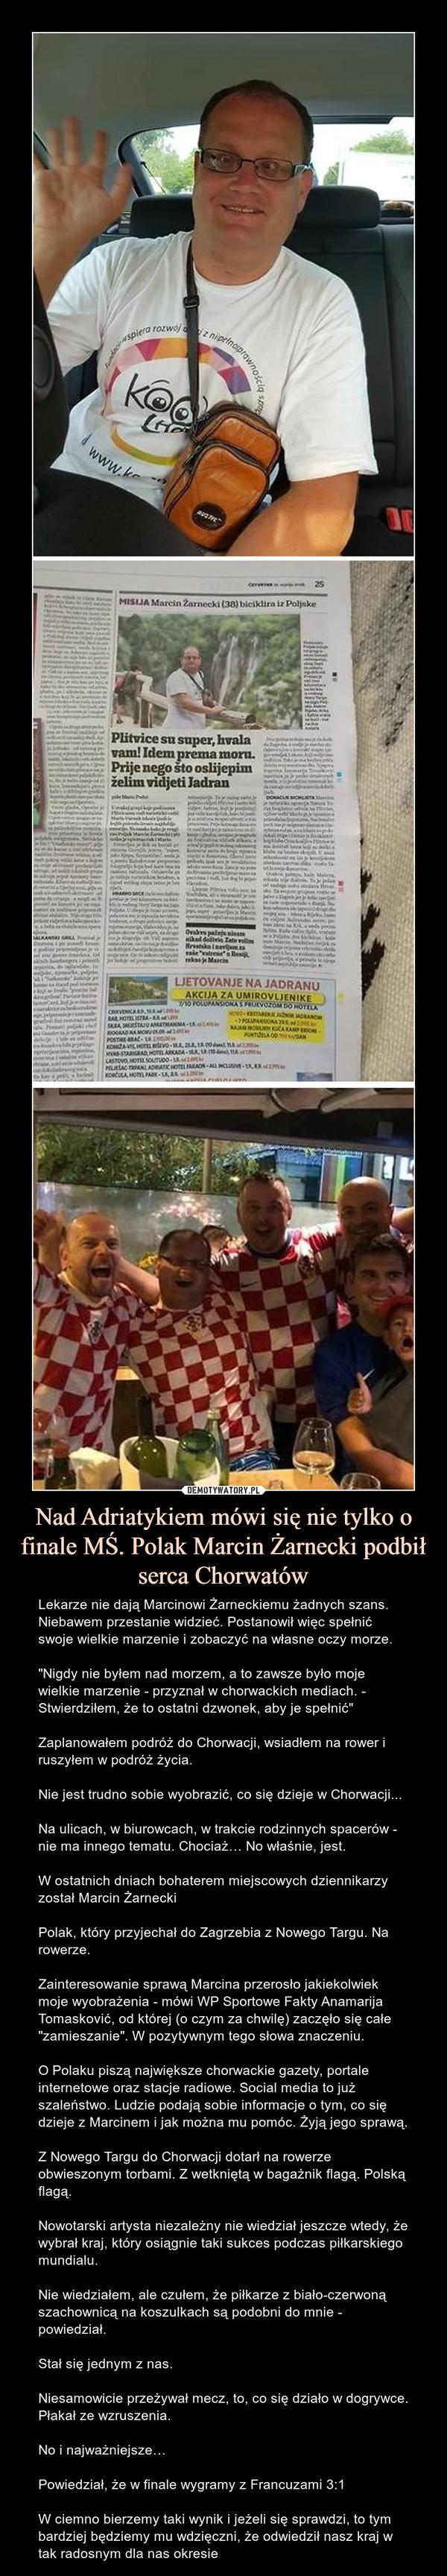 """Nad Adriatykiem mówi się nie tylko o finale MŚ. Polak Marcin Żarnecki podbił serca Chorwatów – Lekarze nie dają Marcinowi Żarneckiemu żadnych szans. Niebawem przestanie widzieć. Postanowił więc spełnić swoje wielkie marzenie i zobaczyć na własne oczy morze.""""Nigdy nie byłem nad morzem, a to zawsze było moje wielkie marzenie - przyznał w chorwackich mediach. - Stwierdziłem, że to ostatni dzwonek, aby je spełnić""""Zaplanowałem podróż do Chorwacji, wsiadłem na rower i ruszyłem w podróż życia.Nie jest trudno sobie wyobrazić, co się dzieje w Chorwacji...Na ulicach, w biurowcach, w trakcie rodzinnych spacerów - nie ma innego tematu. Chociaż… No właśnie, jest.W ostatnich dniach bohaterem miejscowych dziennikarzy został Marcin ŻarneckiPolak, który przyjechał do Zagrzebia z Nowego Targu. Na rowerze.Zainteresowanie sprawą Marcina przerosło jakiekolwiek moje wyobrażenia - mówi WP Sportowe Fakty Anamarija Tomasković, od której (o czym za chwilę) zaczęło się całe """"zamieszanie"""". W pozytywnym tego słowa znaczeniu.O Polaku piszą największe chorwackie gazety, portale internetowe oraz stacje radiowe. Social media to już szaleństwo. Ludzie podają sobie informacje o tym, co się dzieje z Marcinem i jak można mu pomóc. Żyją jego sprawą.Z Nowego Targu do Chorwacji dotarł na rowerze obwieszonym torbami. Z wetkniętą w bagażnik flagą. Polską flagą.Nowotarski artysta niezależny nie wiedział jeszcze wtedy, że wybrał kraj, który osiągnie taki sukces podczas piłkarskiego mundialu.Nie wiedziałem, ale czułem, że piłkarze z biało-czerwoną szachownicą na koszulkach są podobni do mnie - powiedział.Stał się jednym z nas.Niesamowicie przeżywał mecz, to, co się działo w dogrywce. Płakał ze wzruszenia.No i najważniejsze…Powiedział, że w finale wygramy z Francuzami 3:1 W ciemno bierzemy taki wynik i jeżeli się sprawdzi, to tym bardziej będziemy mu wdzięczni, że odwiedził nasz kraj w tak radosnym dla nas okresie"""